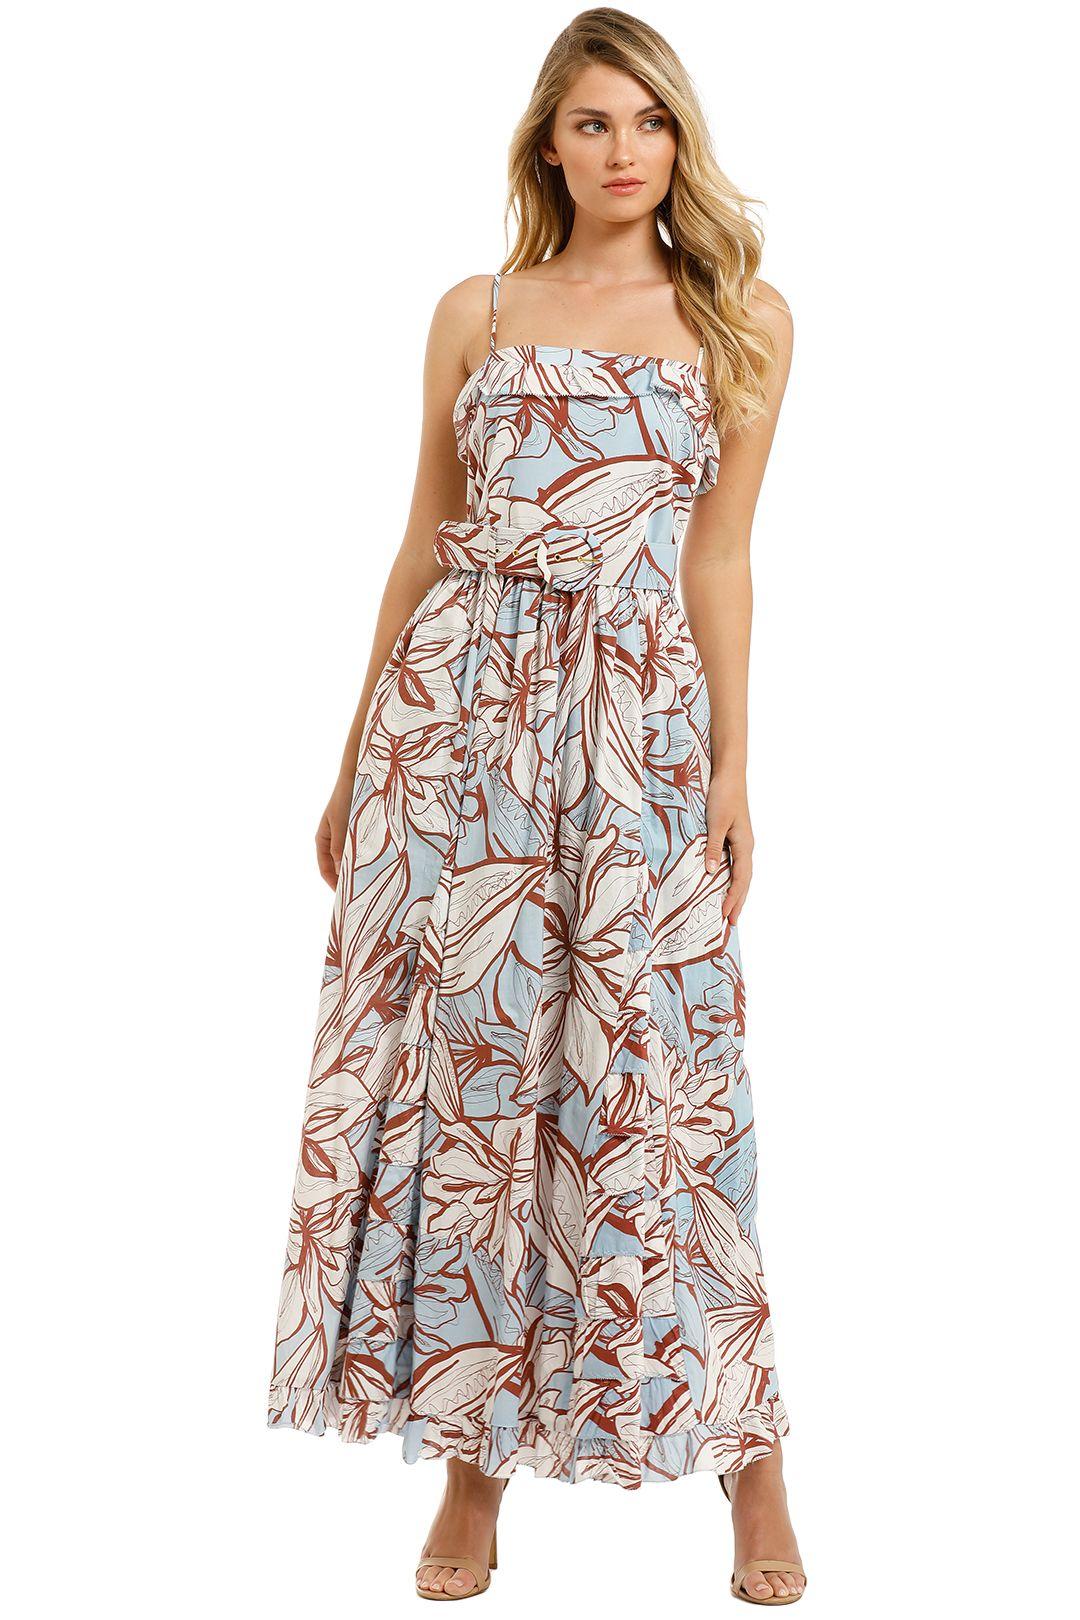 Nicholas-Julie-Dress-Mocha-Etched-Floral-Front